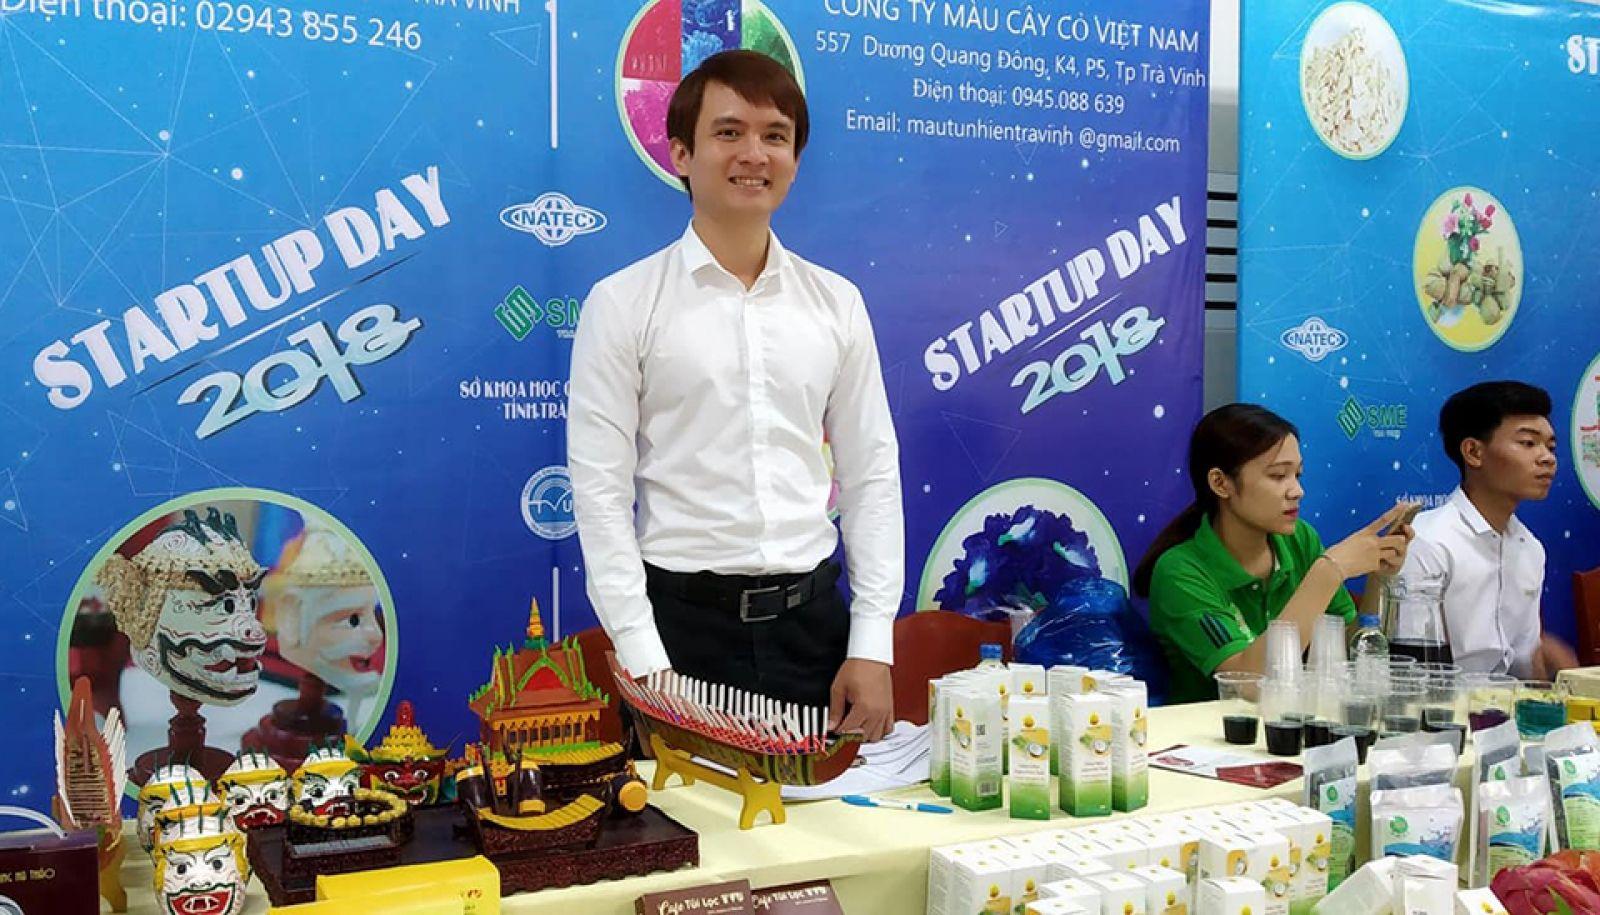 Anh Dương giới thiệu sản phẩm sản xuất từ dừa trong Ngày hội khởi nghiệp tỉnh Trà Vinh